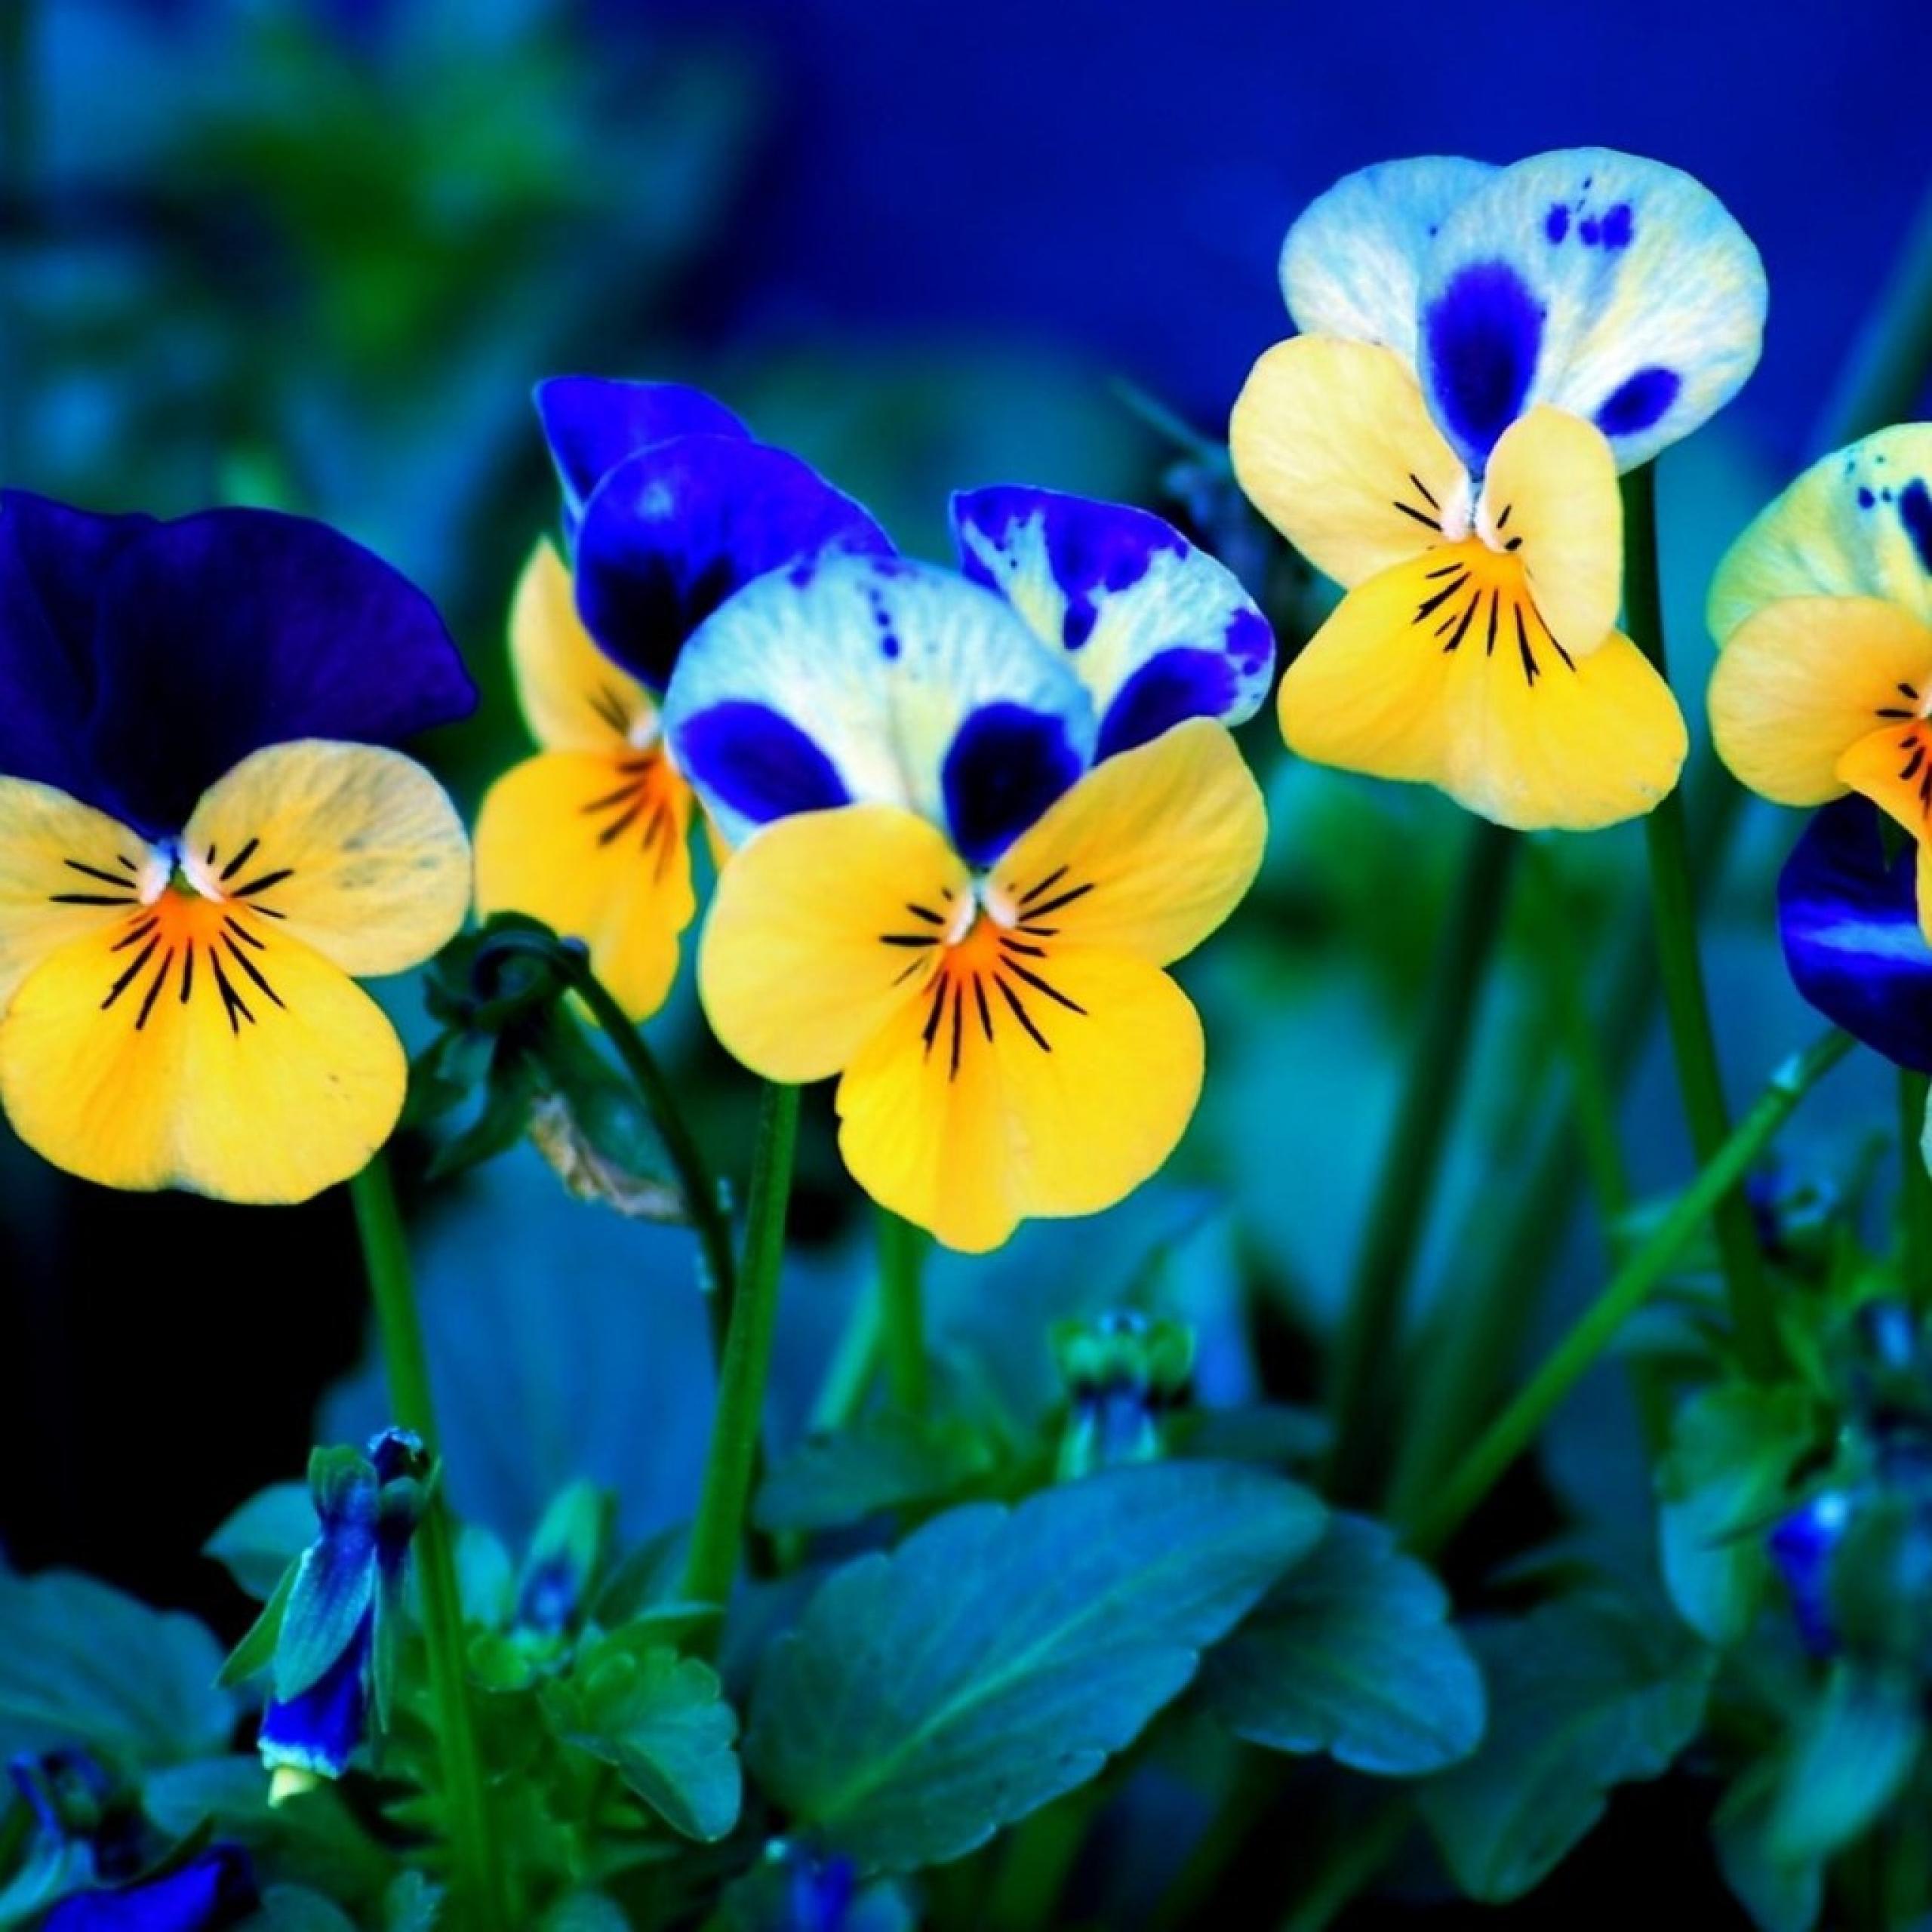 Iphone 5 Wallpaper Floral خلفيات ورد أزرق وأصفر عالية الدقة والوضوح خلفية شاشة صور